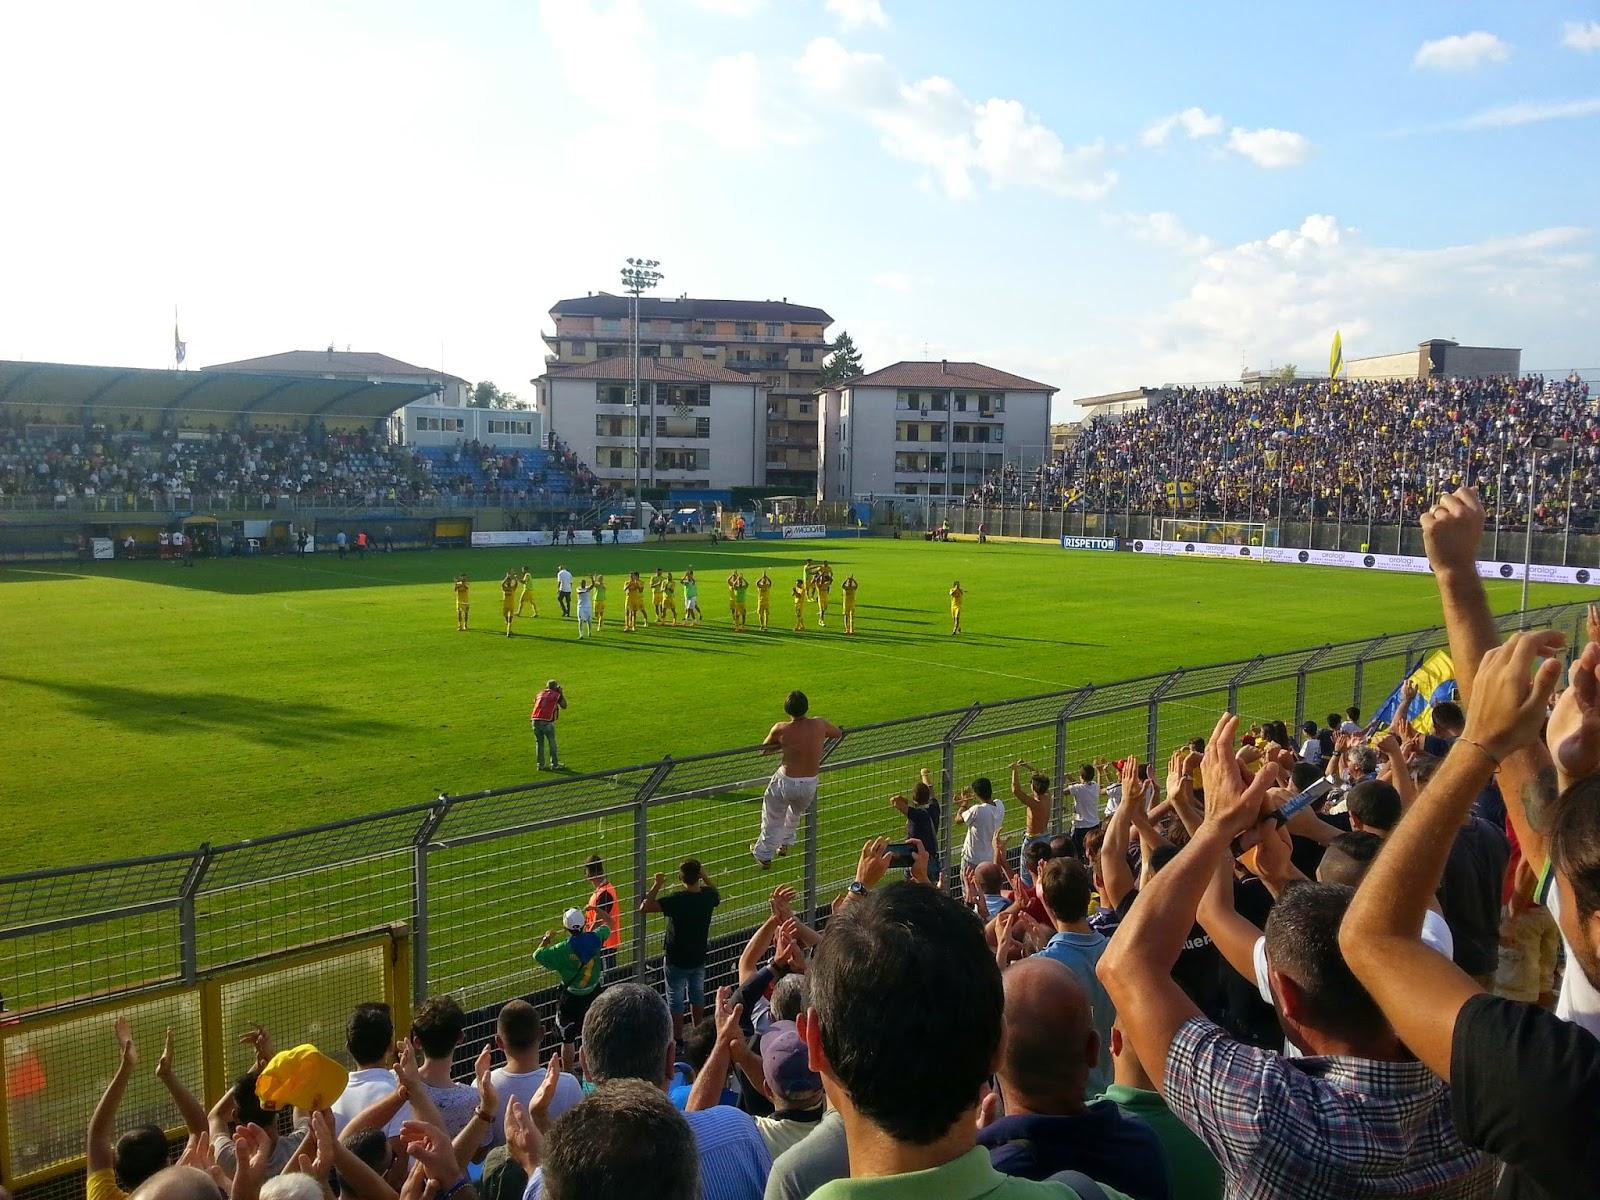 I giallo-blu salutano i propri sostenitori a fine gara. fotosportnotizie.com